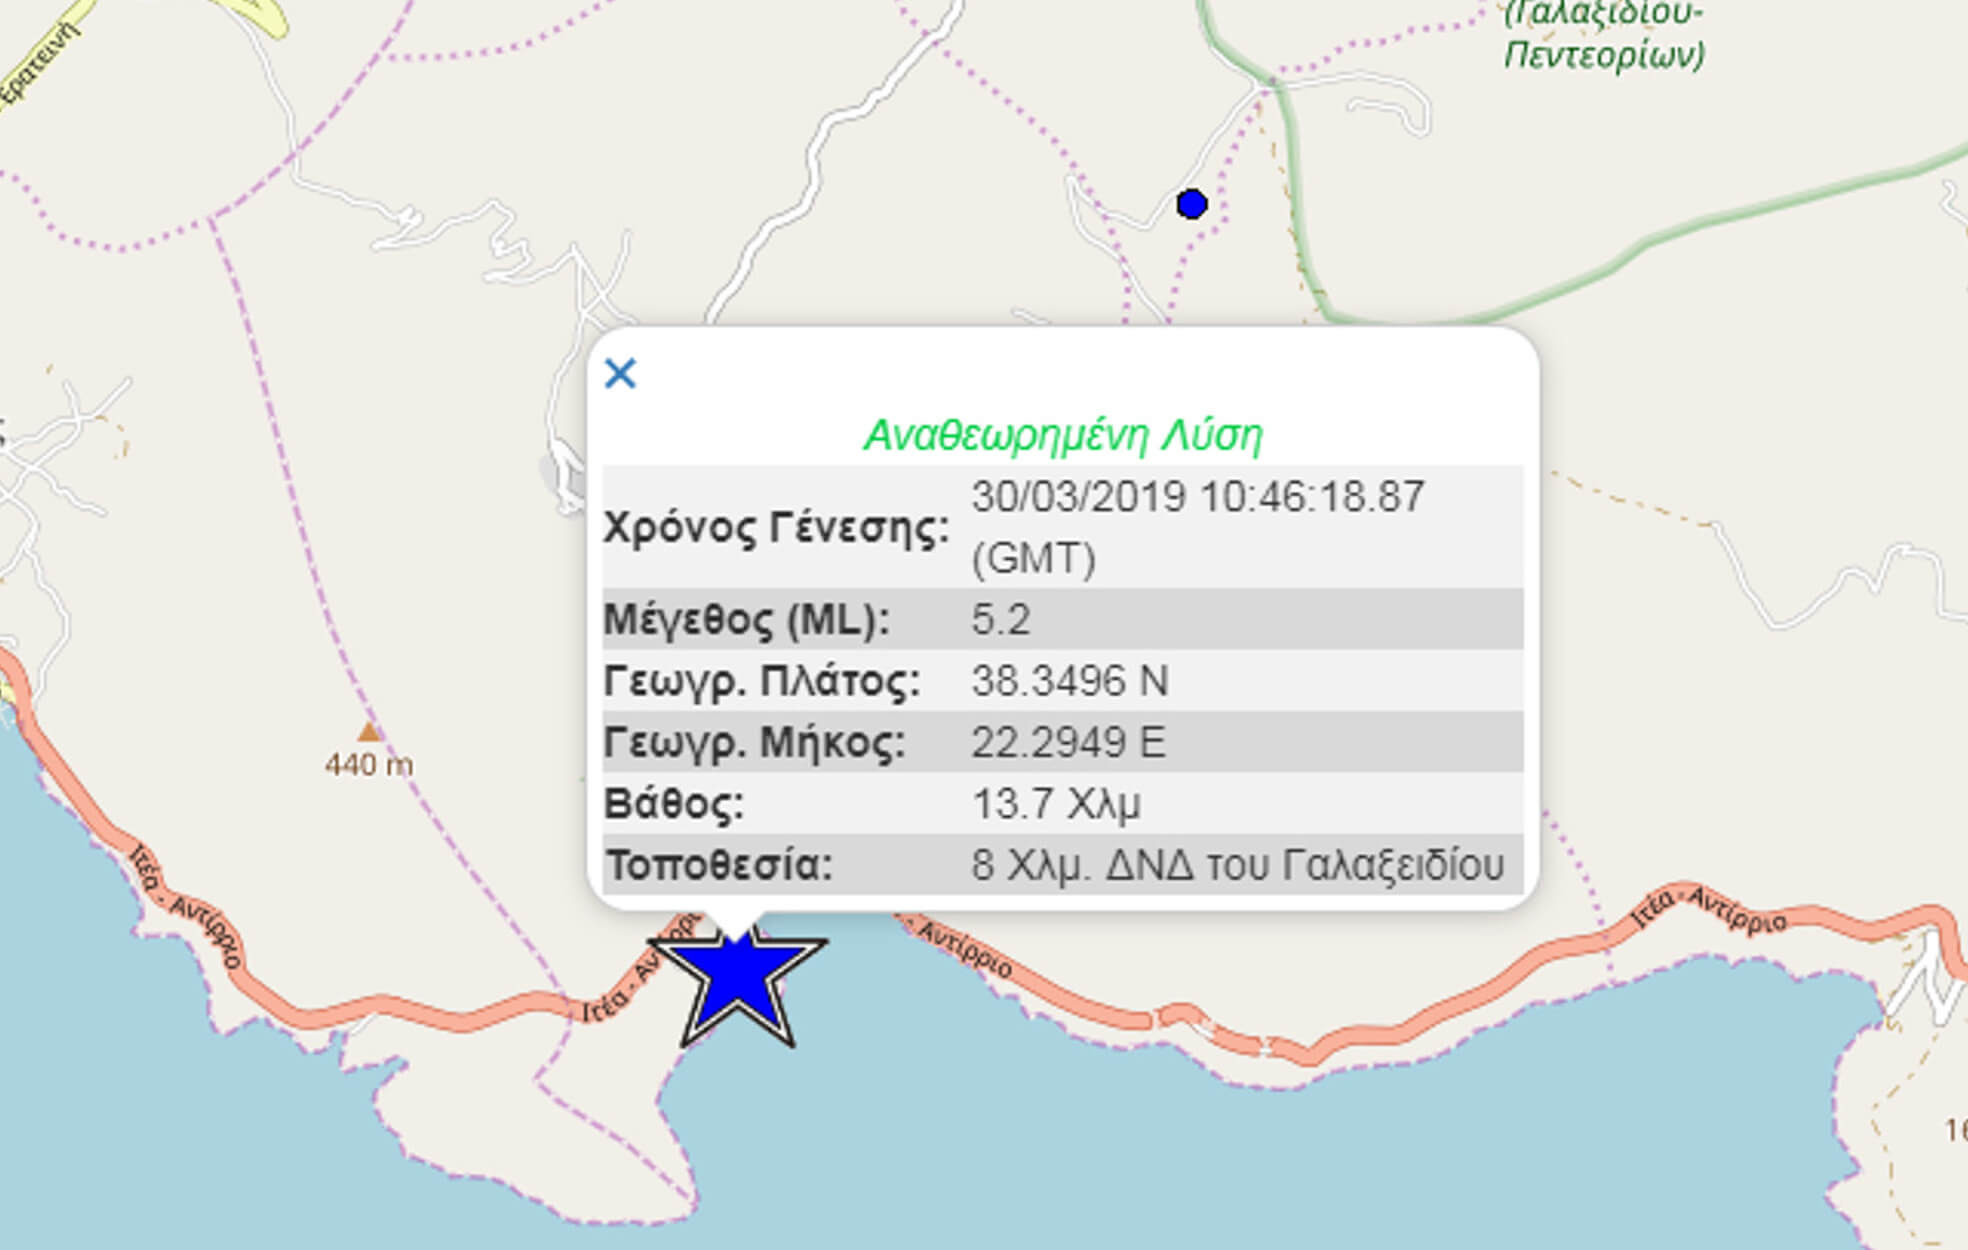 Τι λένε οι σεισμολόγοι για τα 5.3 Ρίχτερ που ταρακούνησαν τη μισή Ελλάδα 2